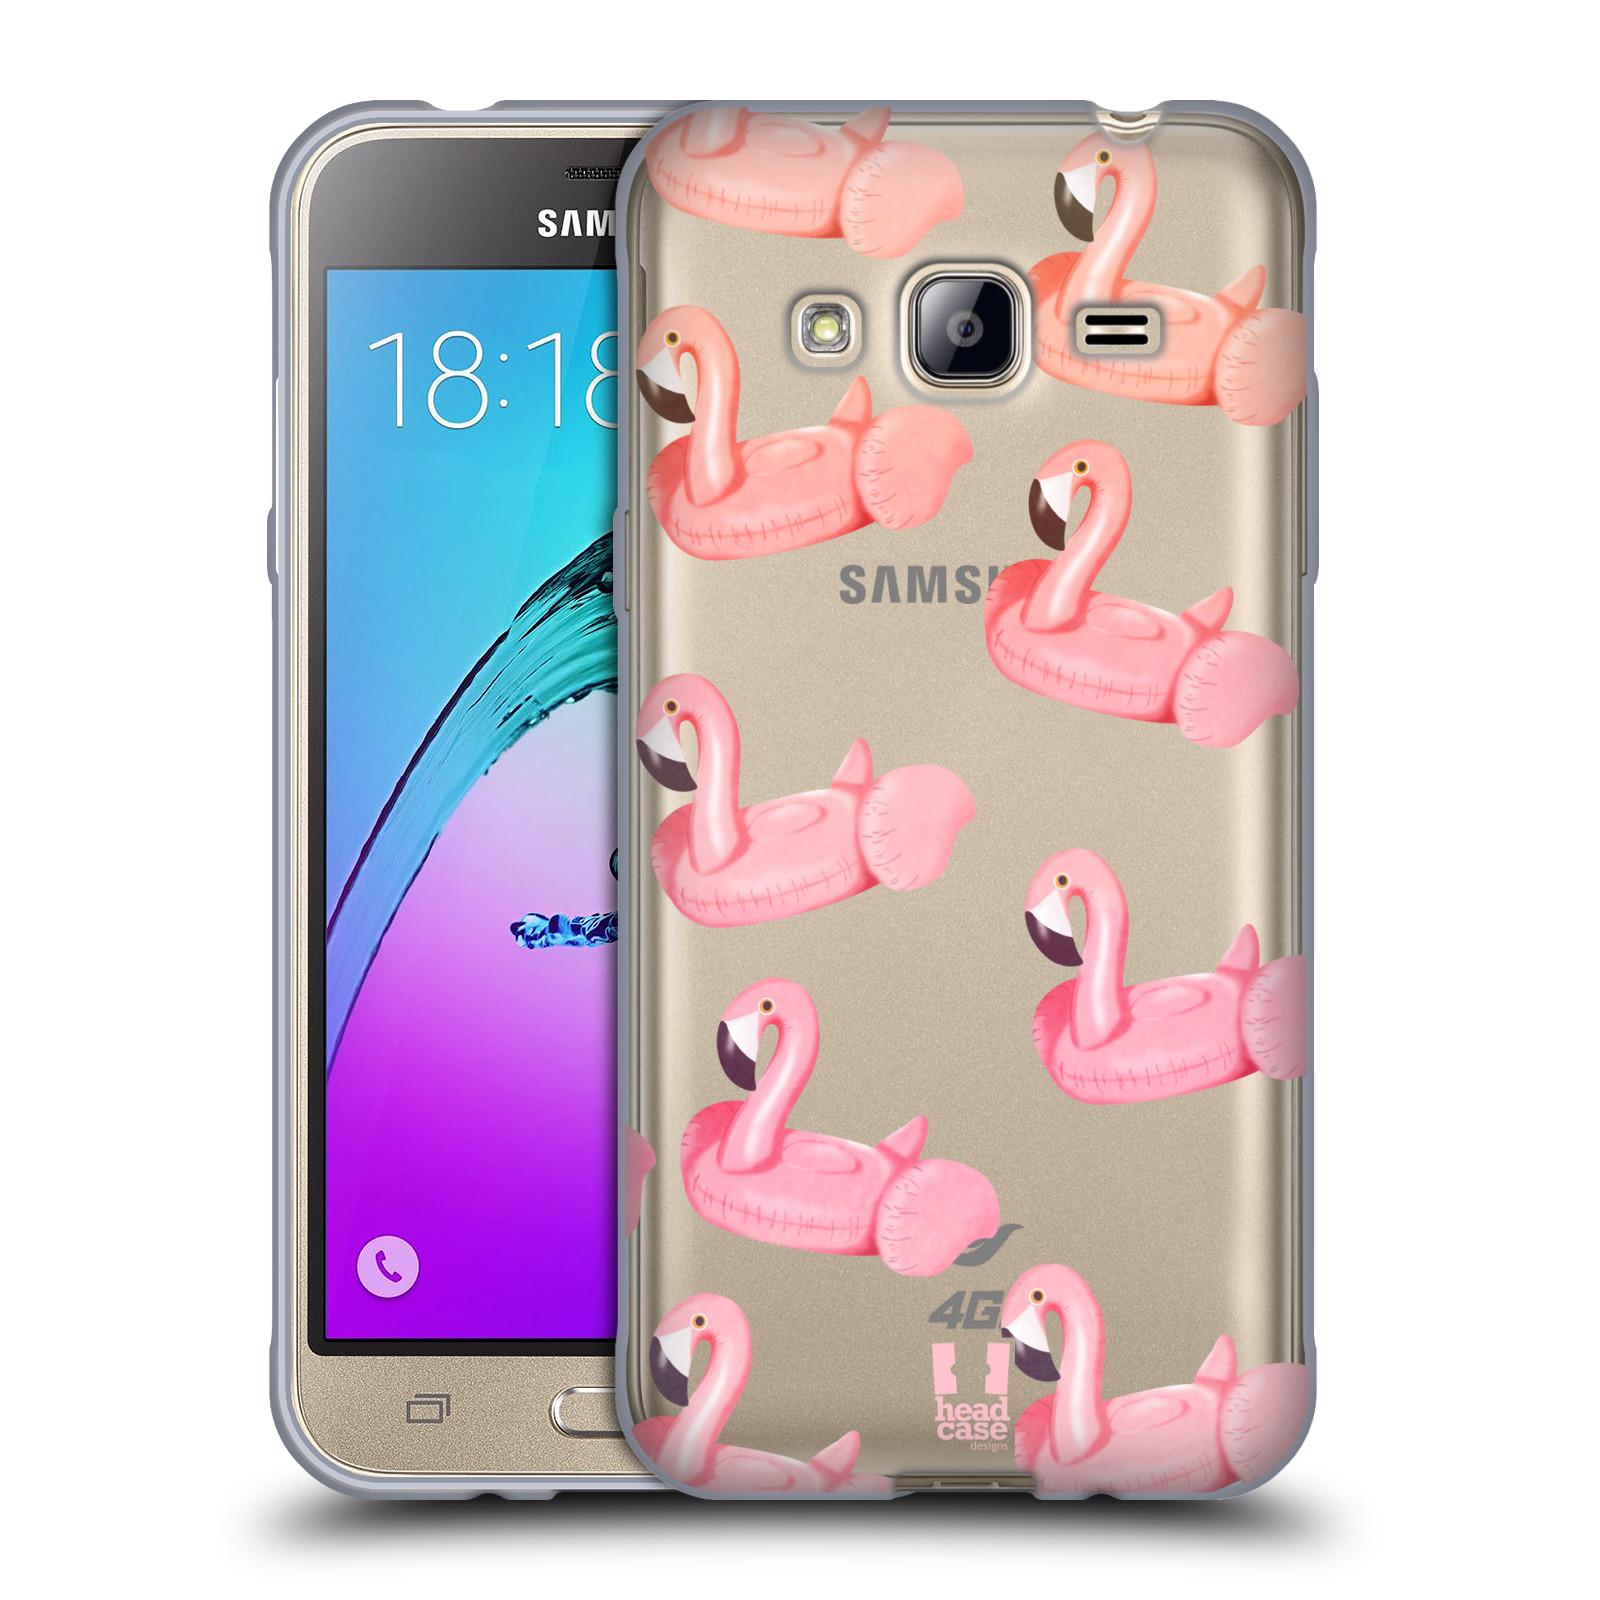 Silikonové pouzdro na mobil Samsung Galaxy J3 (2016) - Head Case - Kruh plaměňák